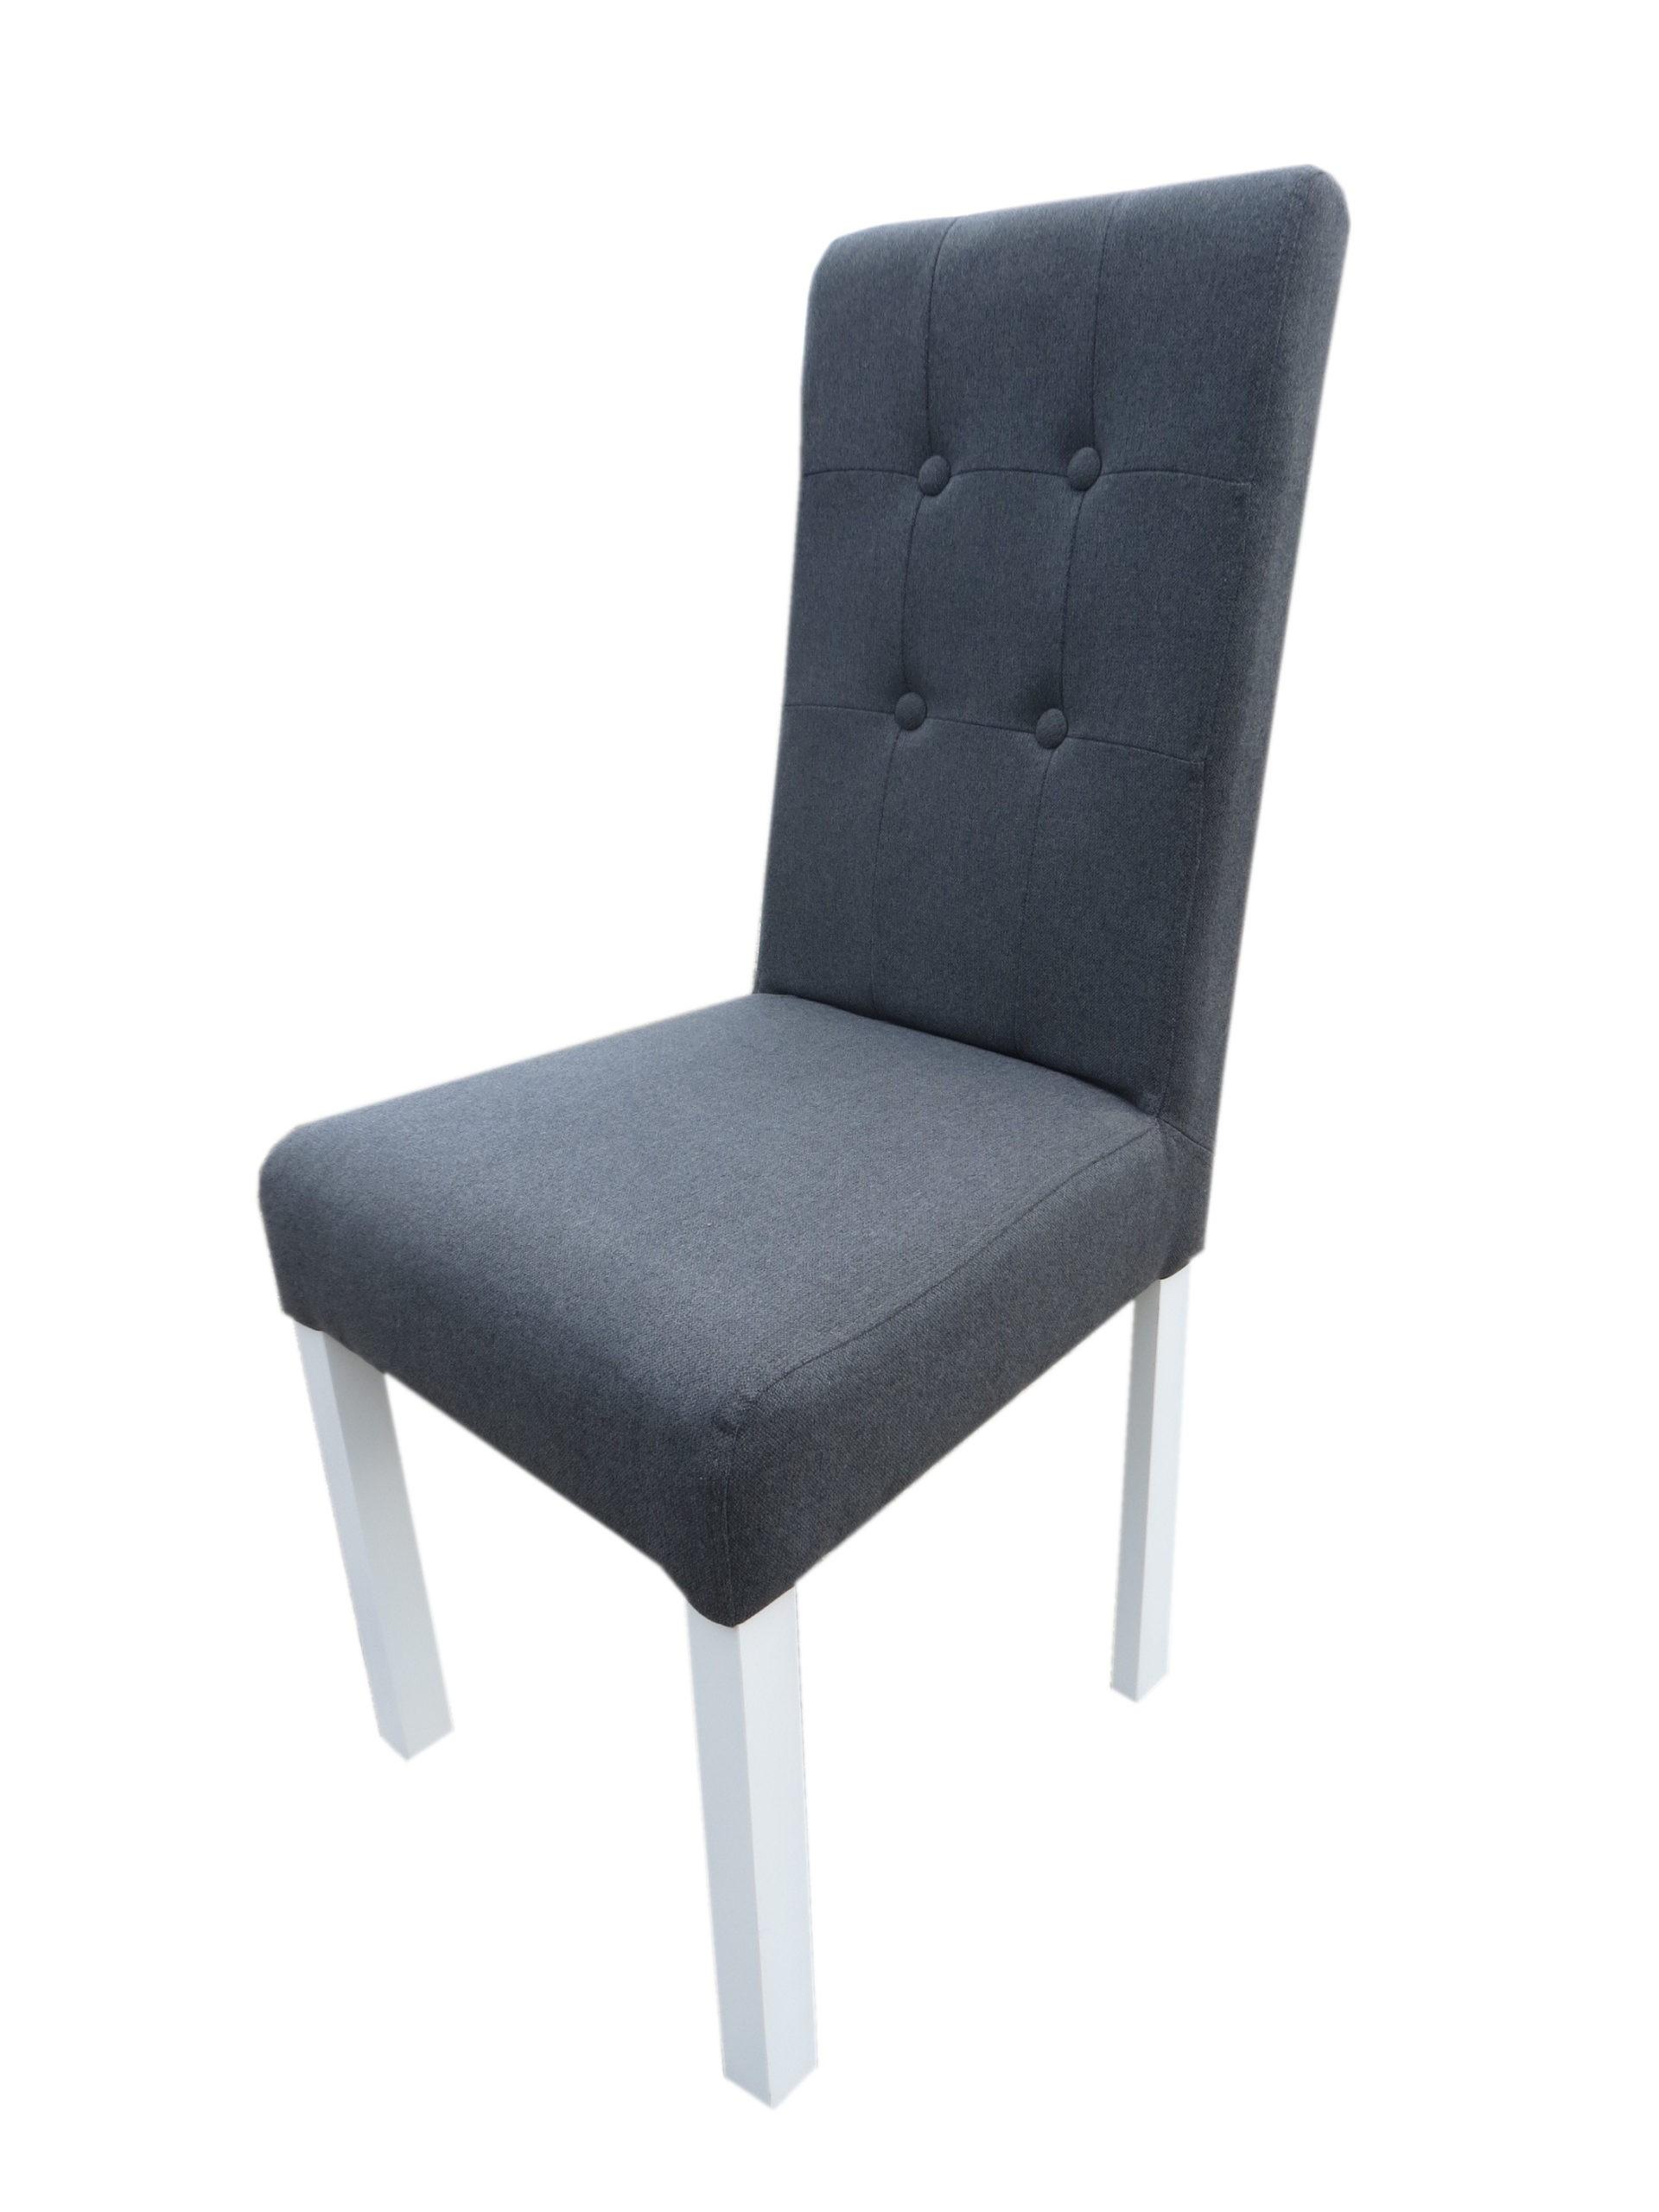 Tanie krzesło tapicerowane MR 117